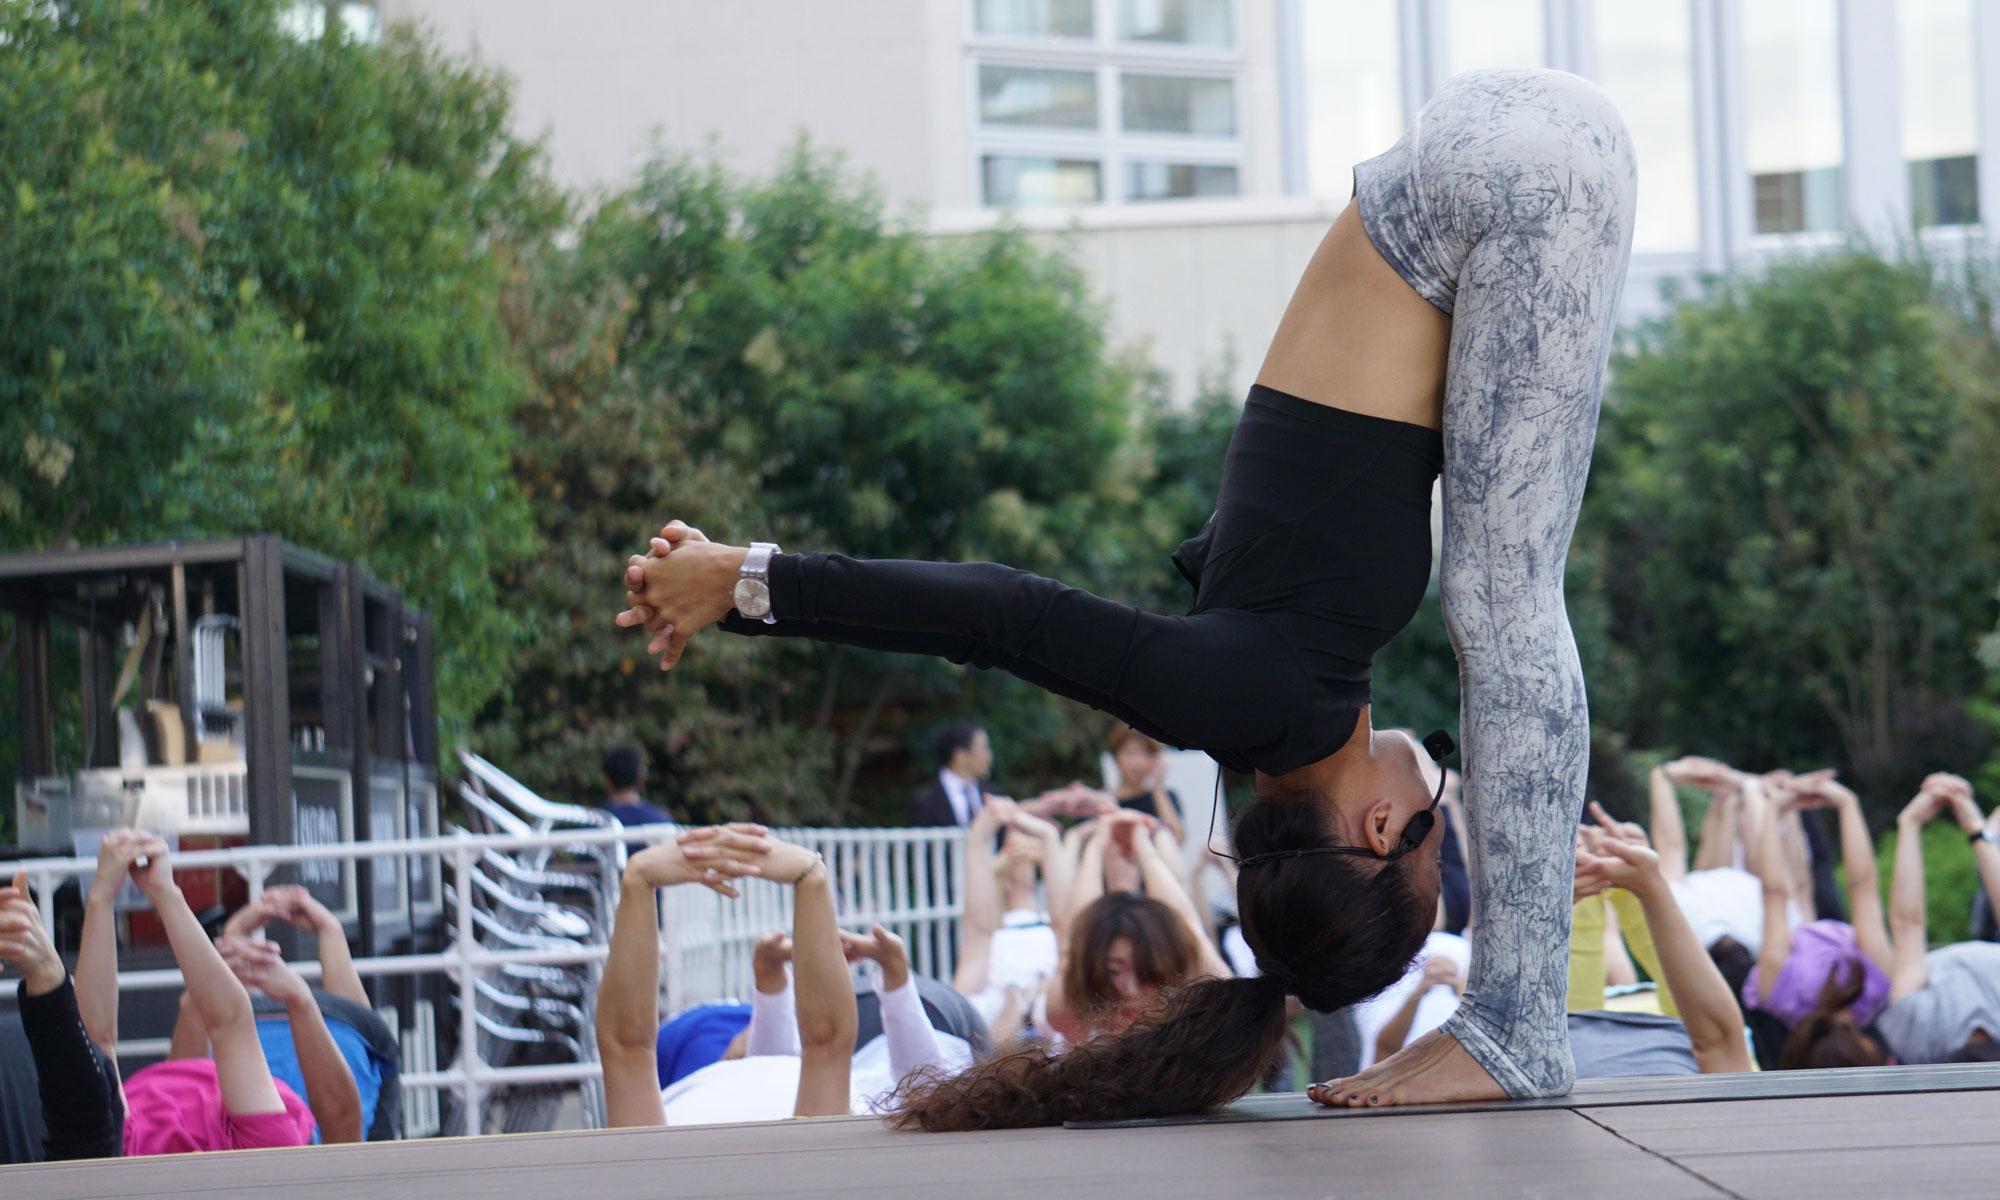 ヨガフェスタ 阪急 2019 春|Yogafest Hankyu 2019 Spring